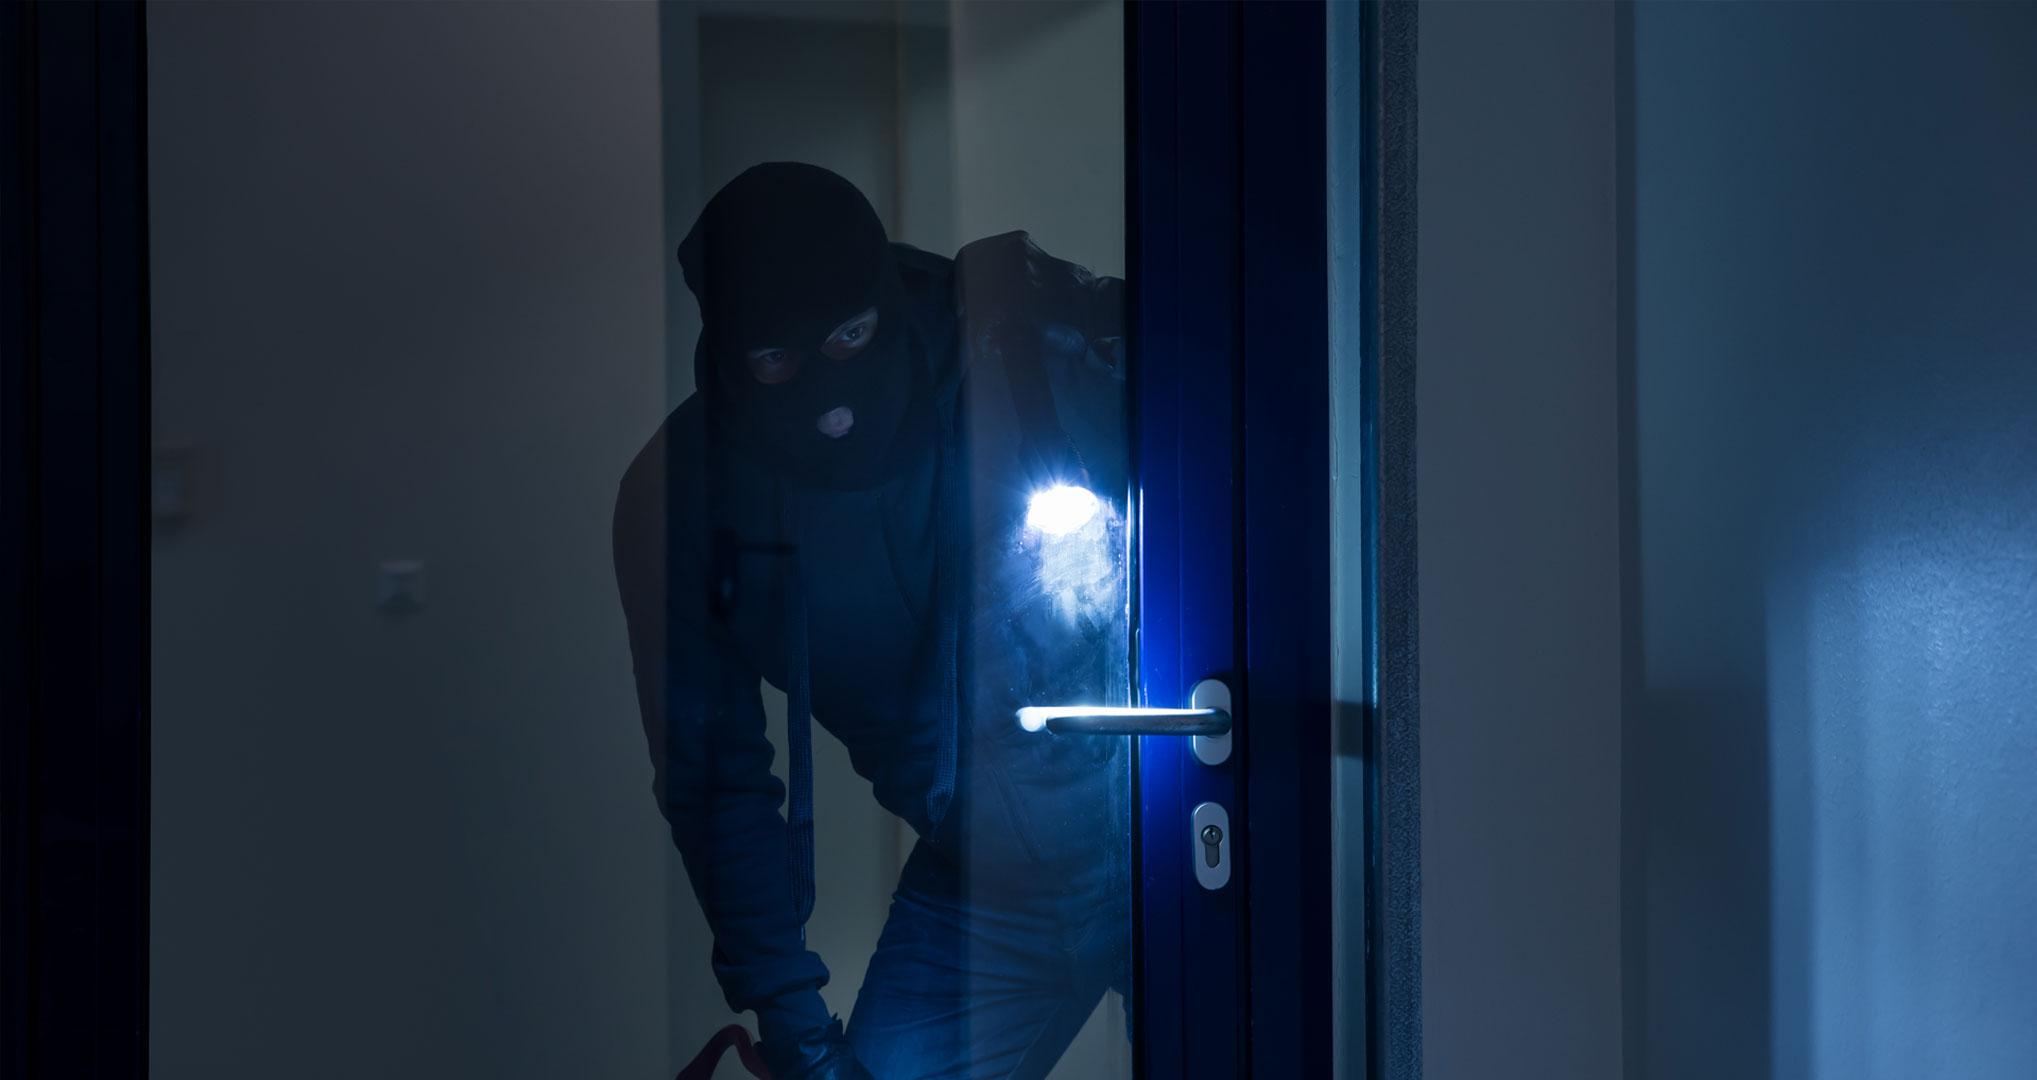 Vasbe, nº 1 alarmas de seguridad en Zamora